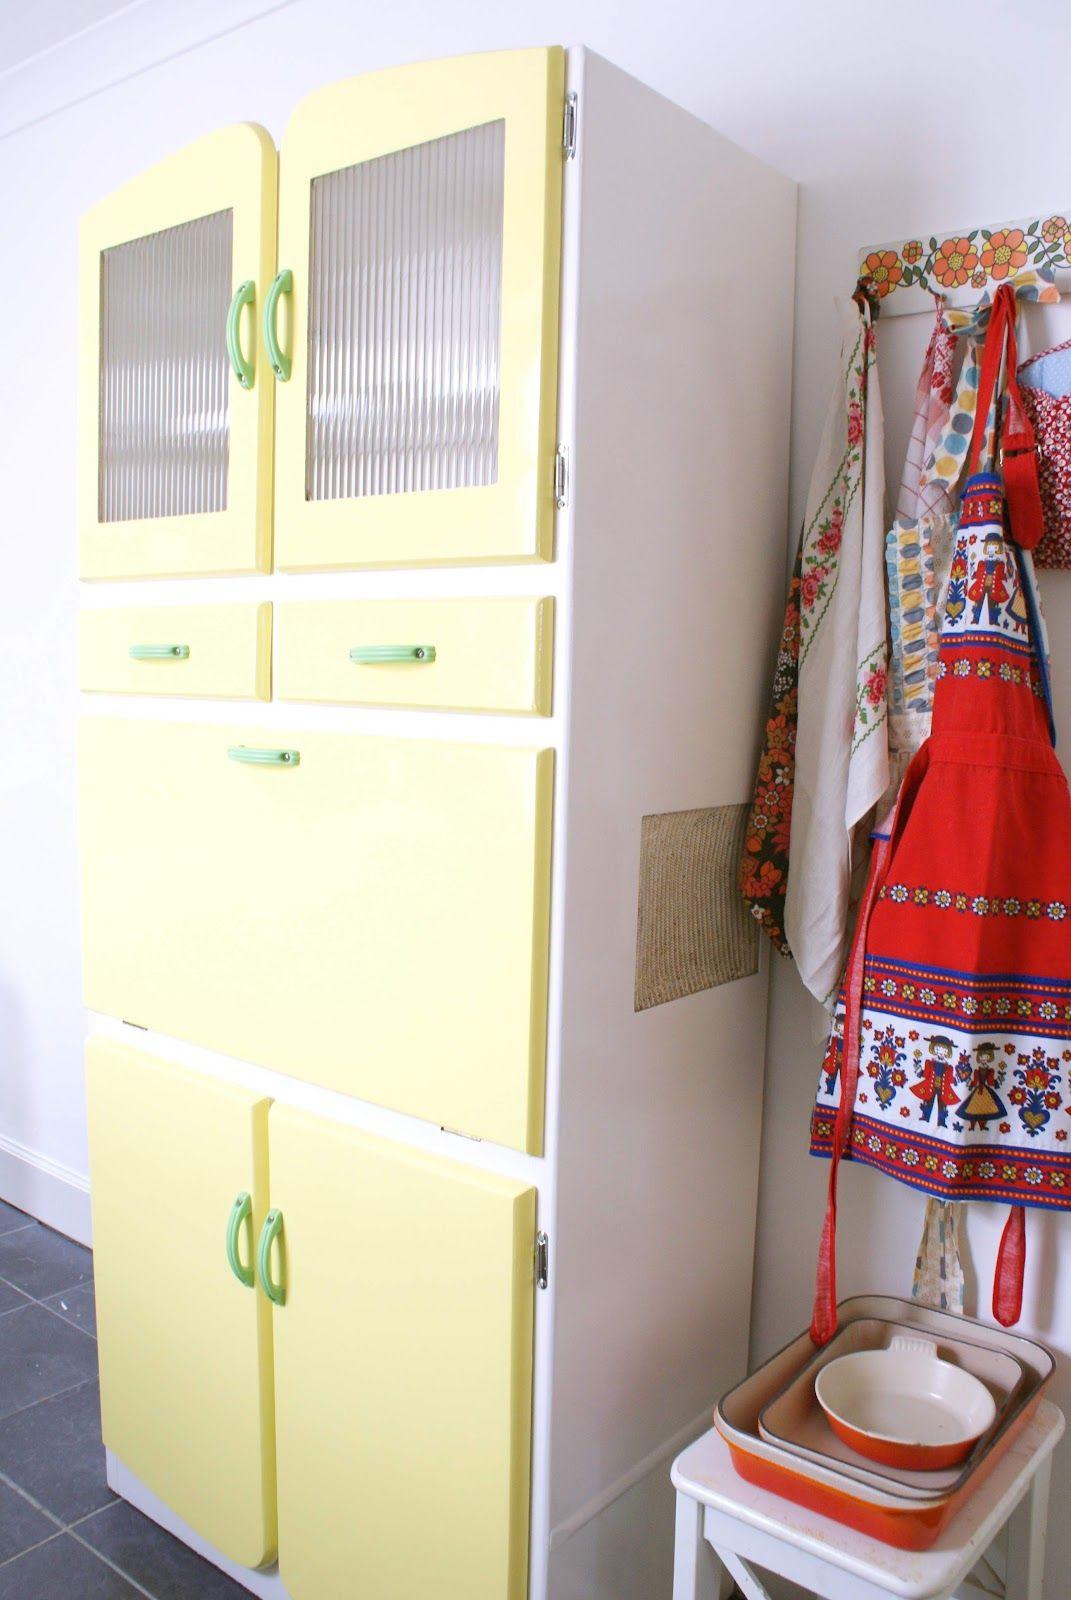 Messyjesse S Vintage Lemon Yellow Cabinet Home Inspiration In 2019 Kitchen Cabinet Storage Kitchen Decor Kitchen Larder